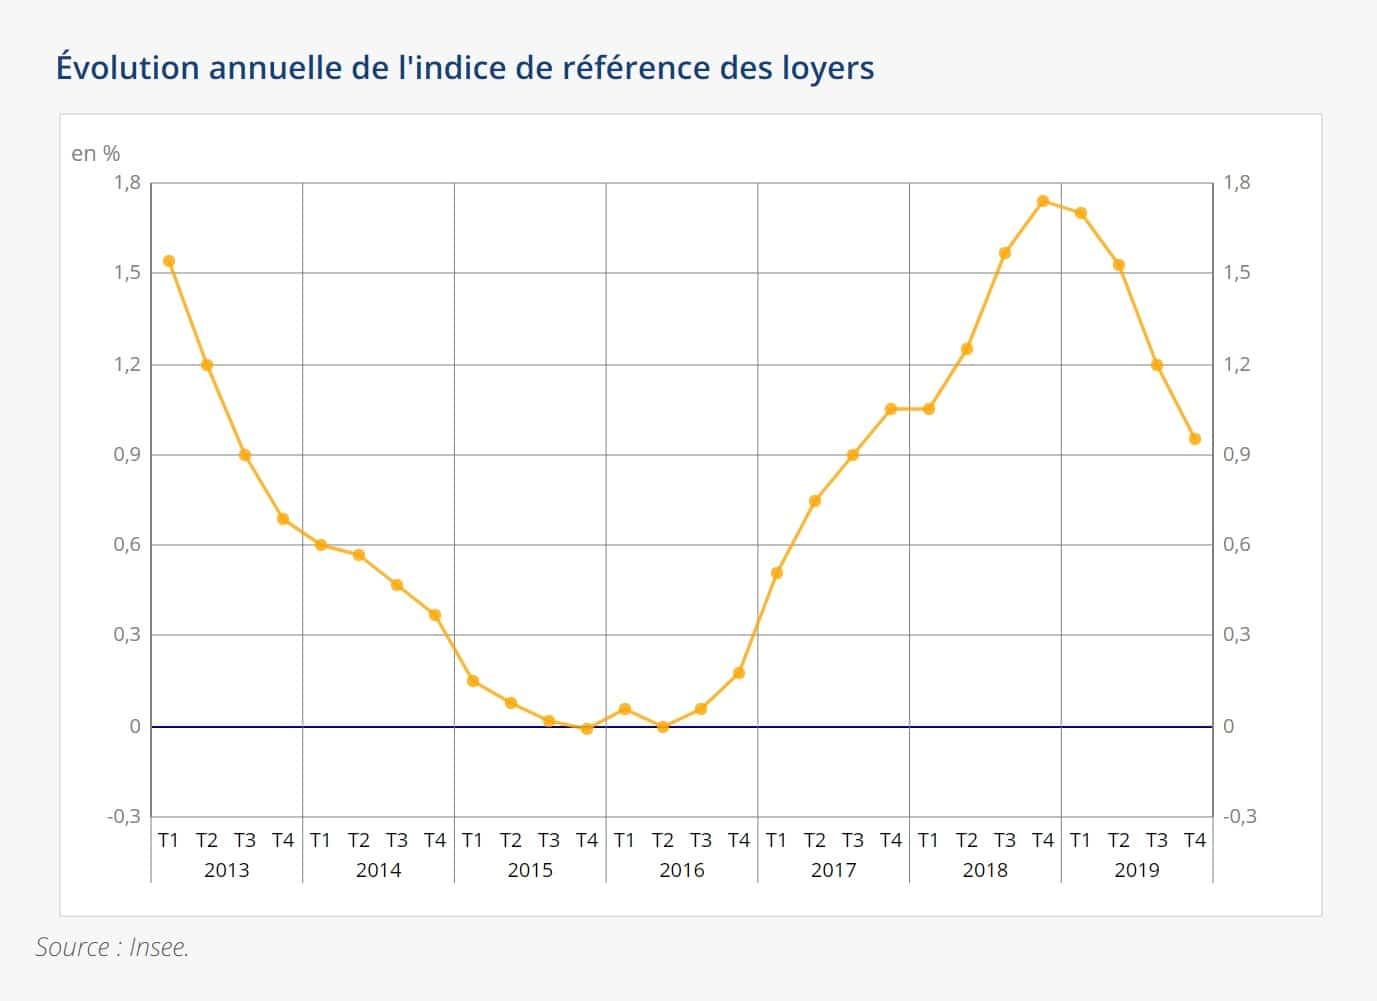 Évolution annuelle de l'indice de référence des loyers 2020